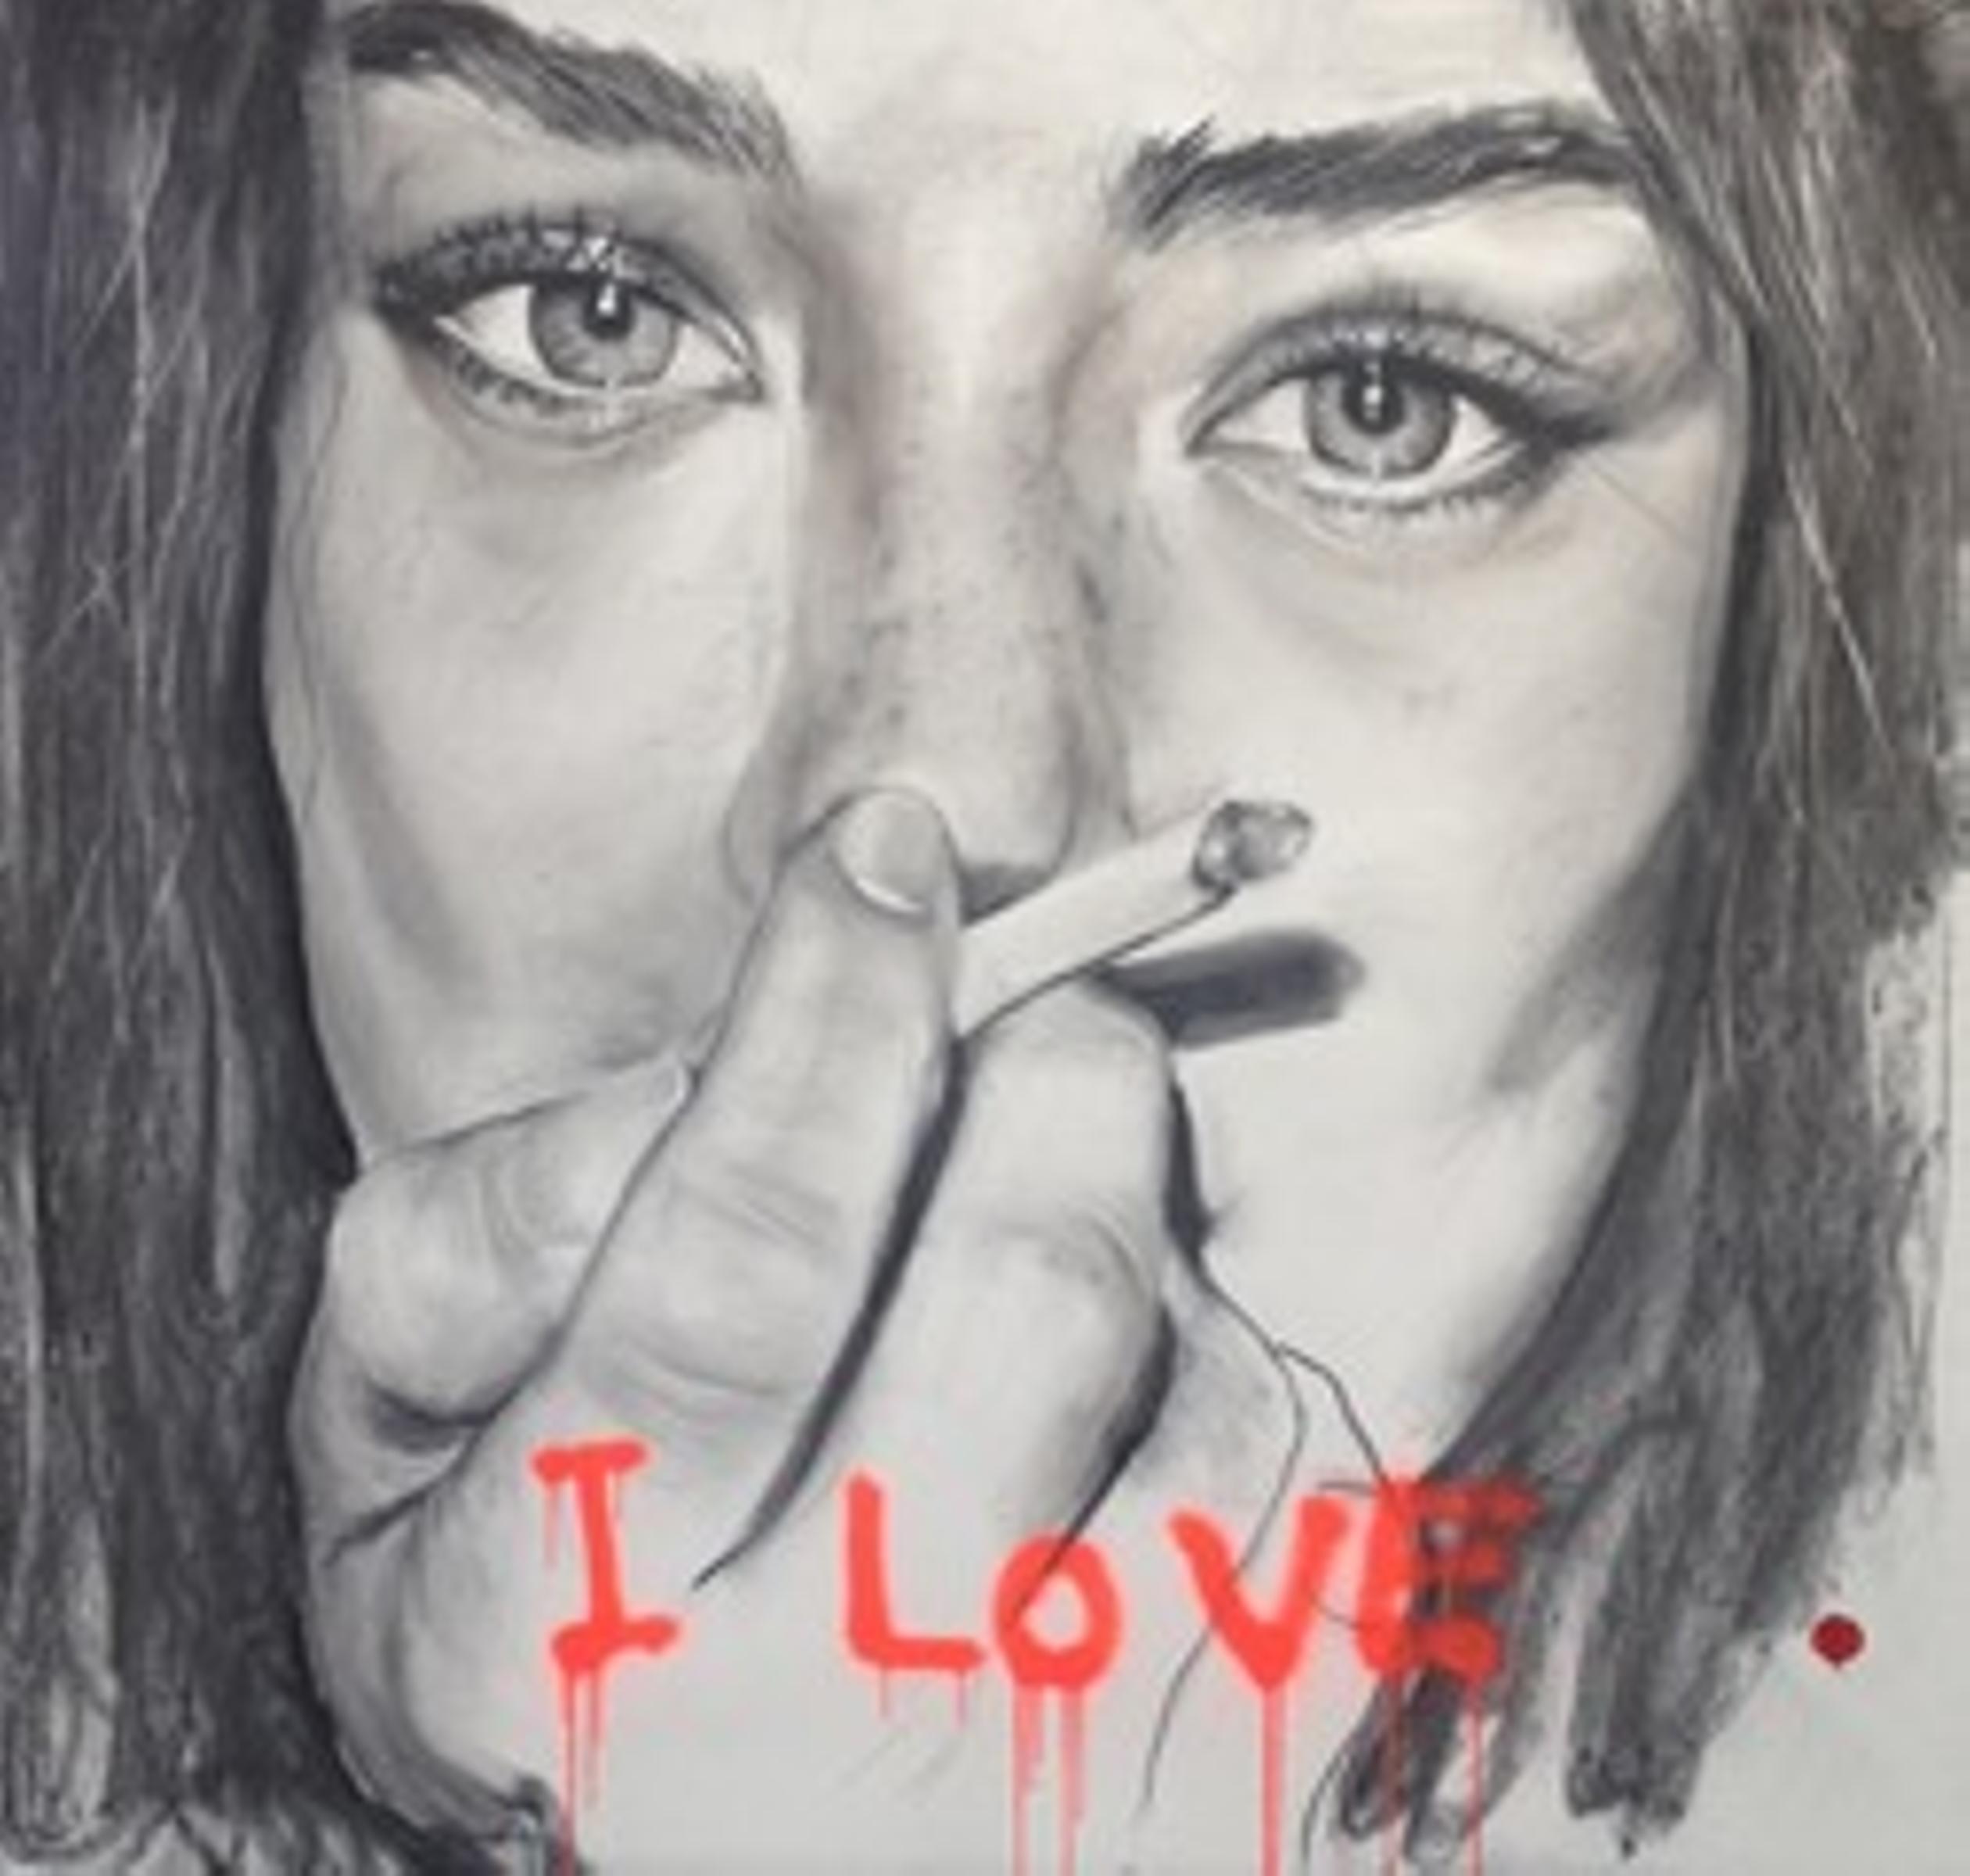 I_LOVE / 160x168